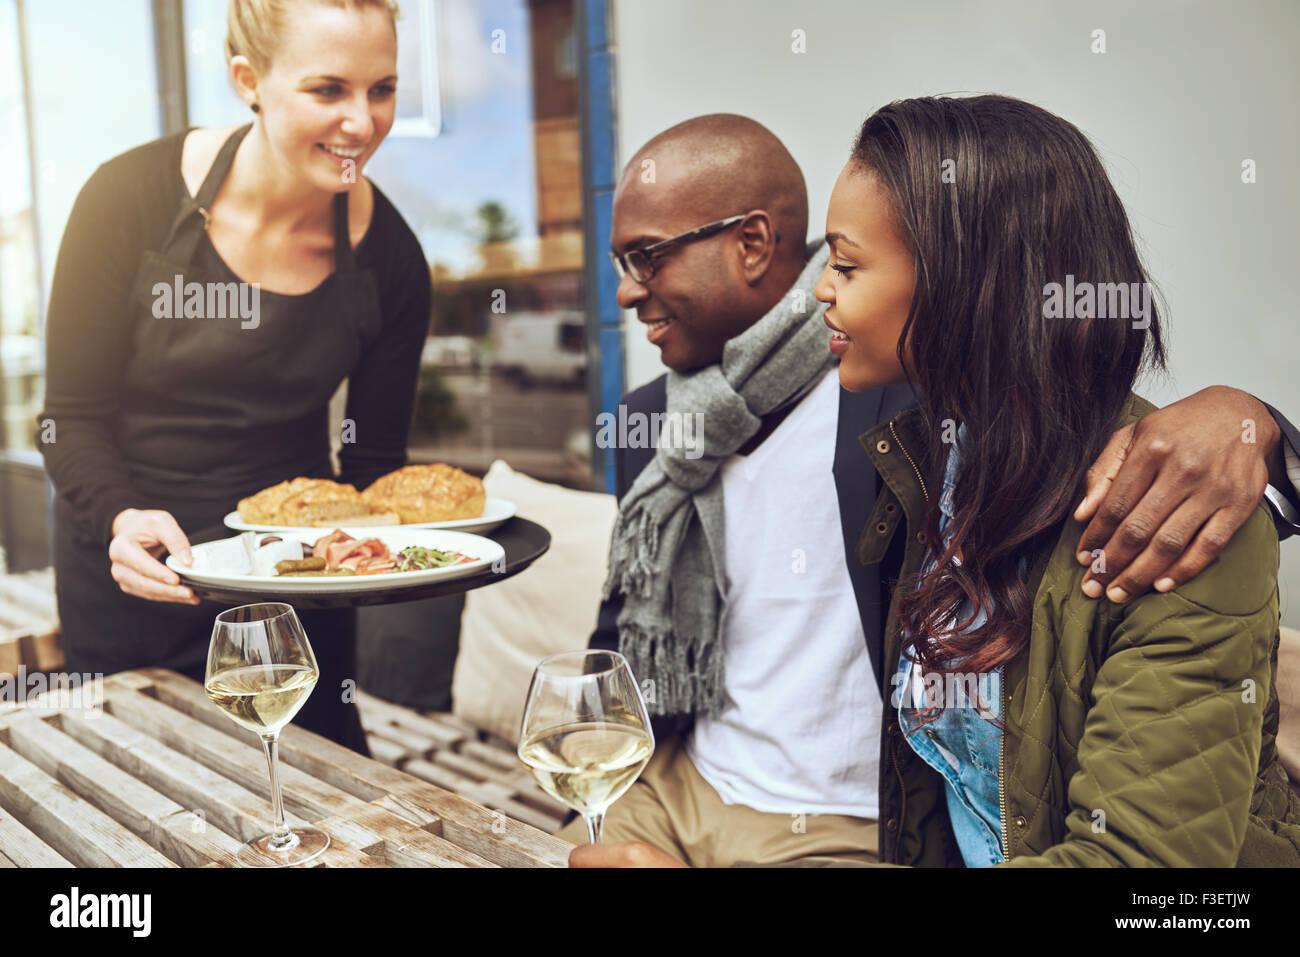 La cameriera che serve per alimentare un affettuoso americano africano giovane seduto a braccetto in un ristorante Immagini Stock